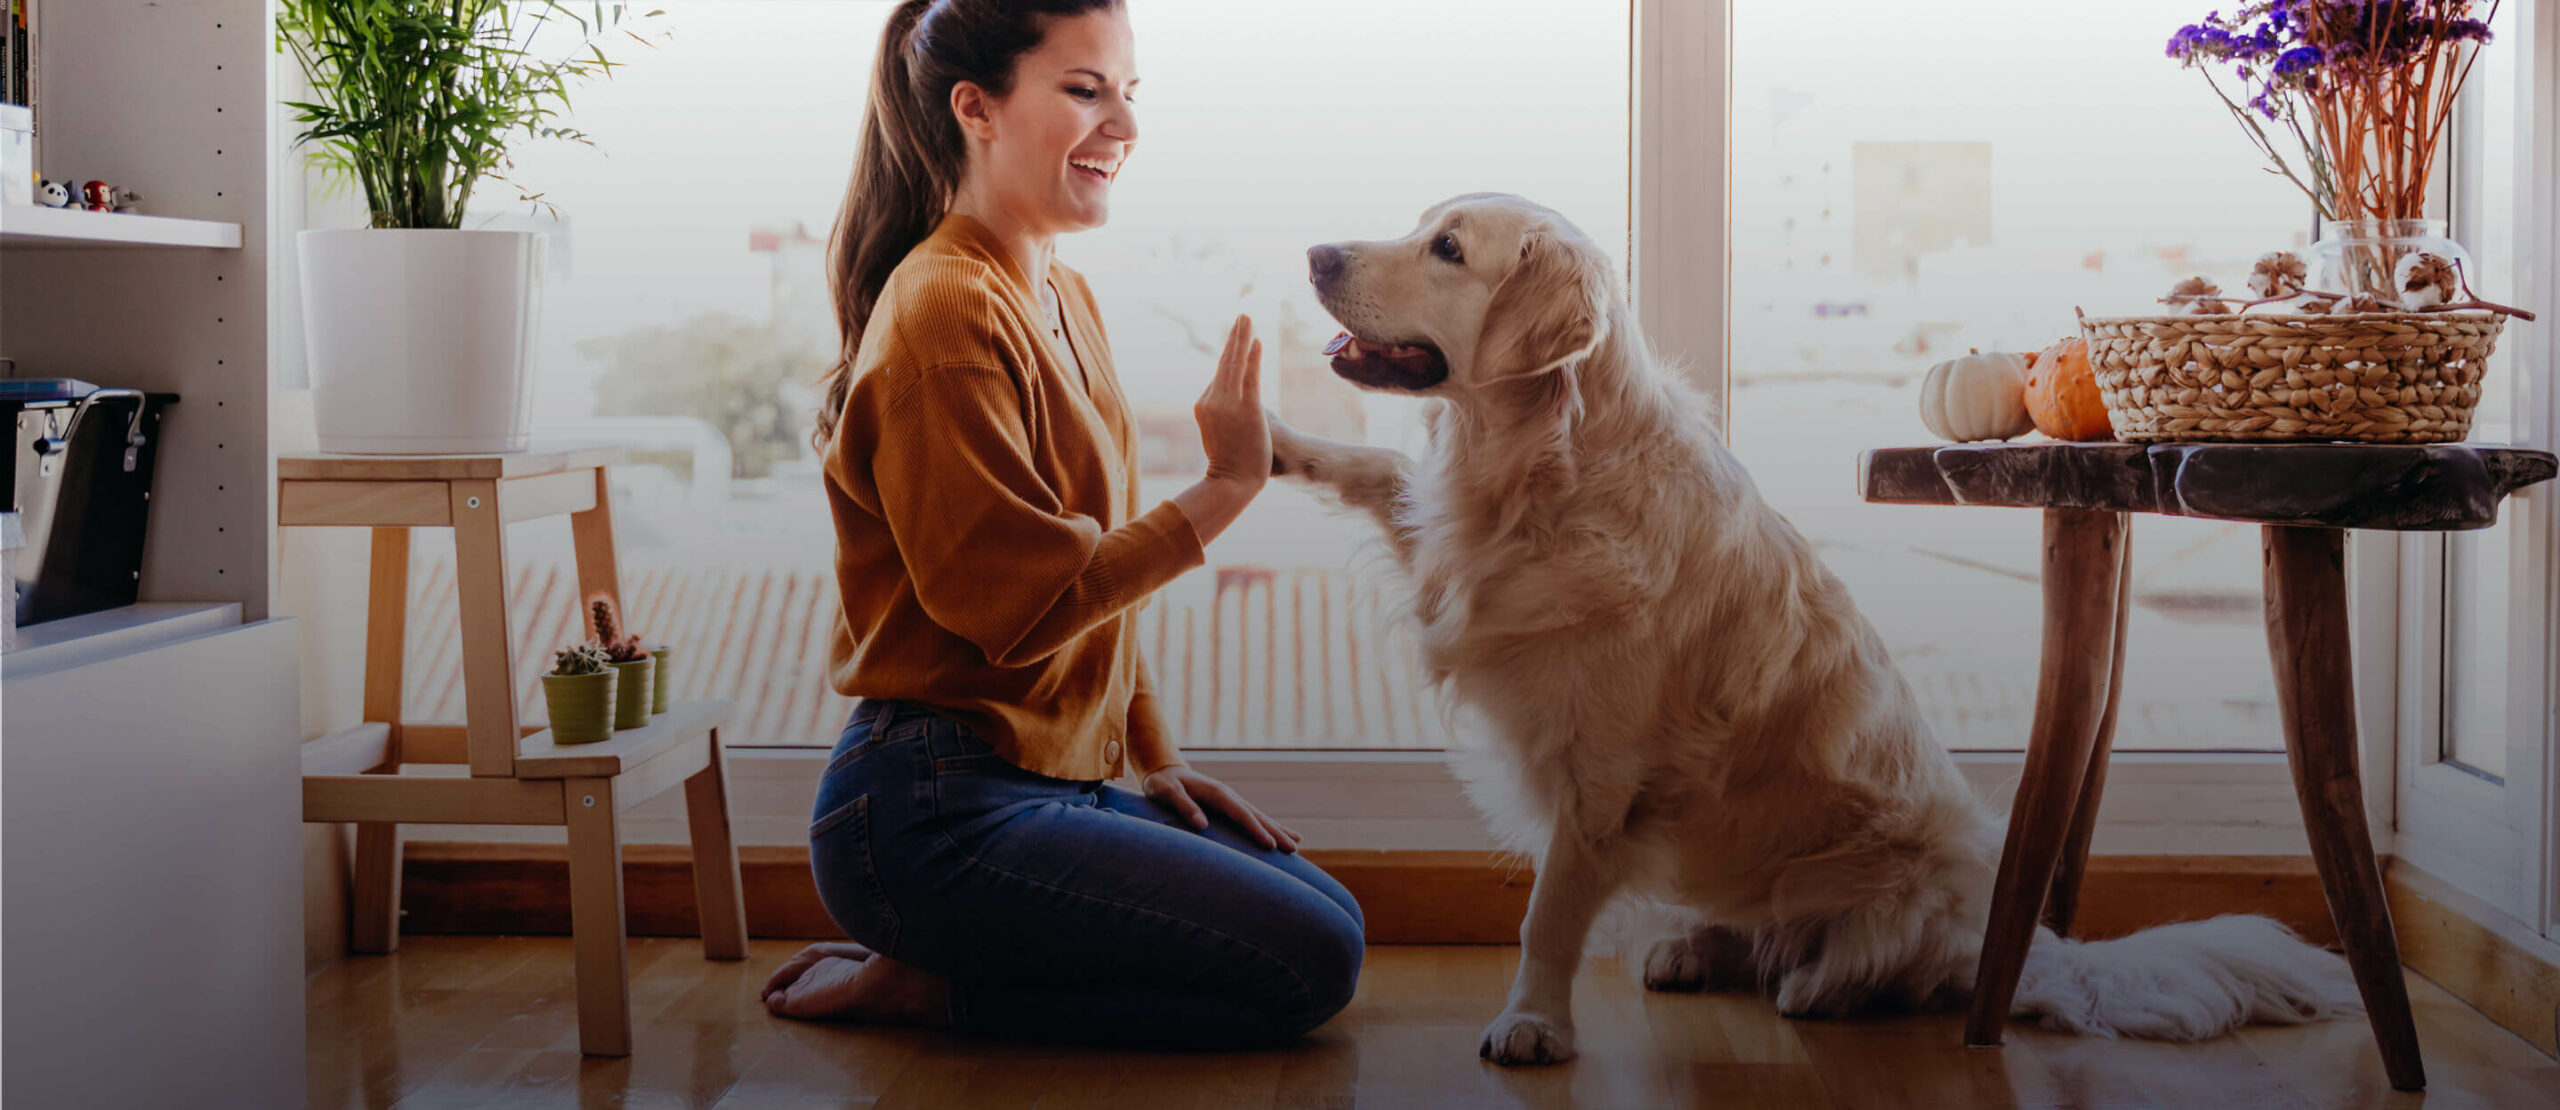 Pets Lets – Your Spot For Pet-Friendly Rentals